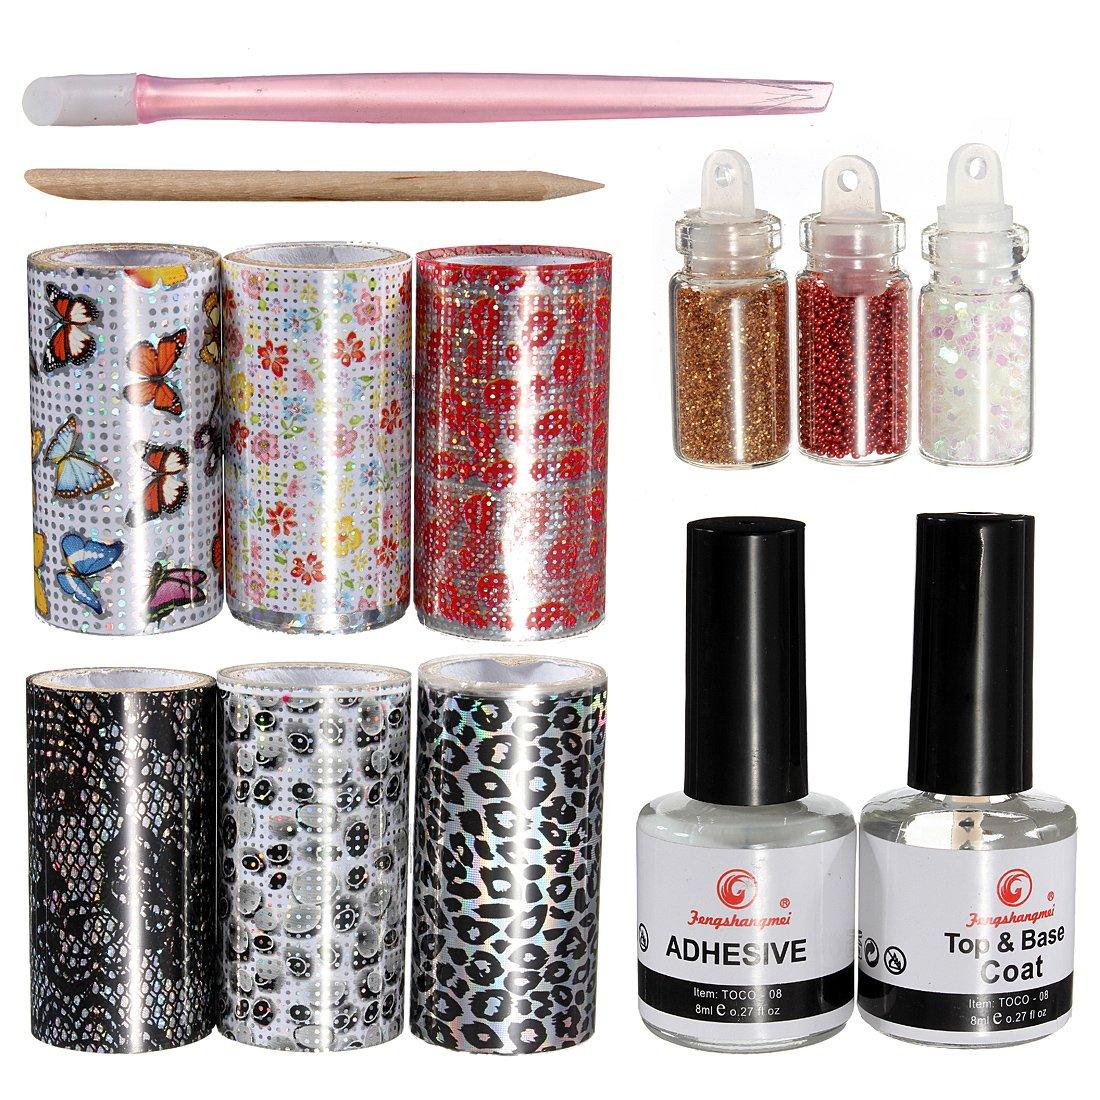 Amazon.com : Nail Art Tips Design Transfer Foils Kit Adhesive Top ...